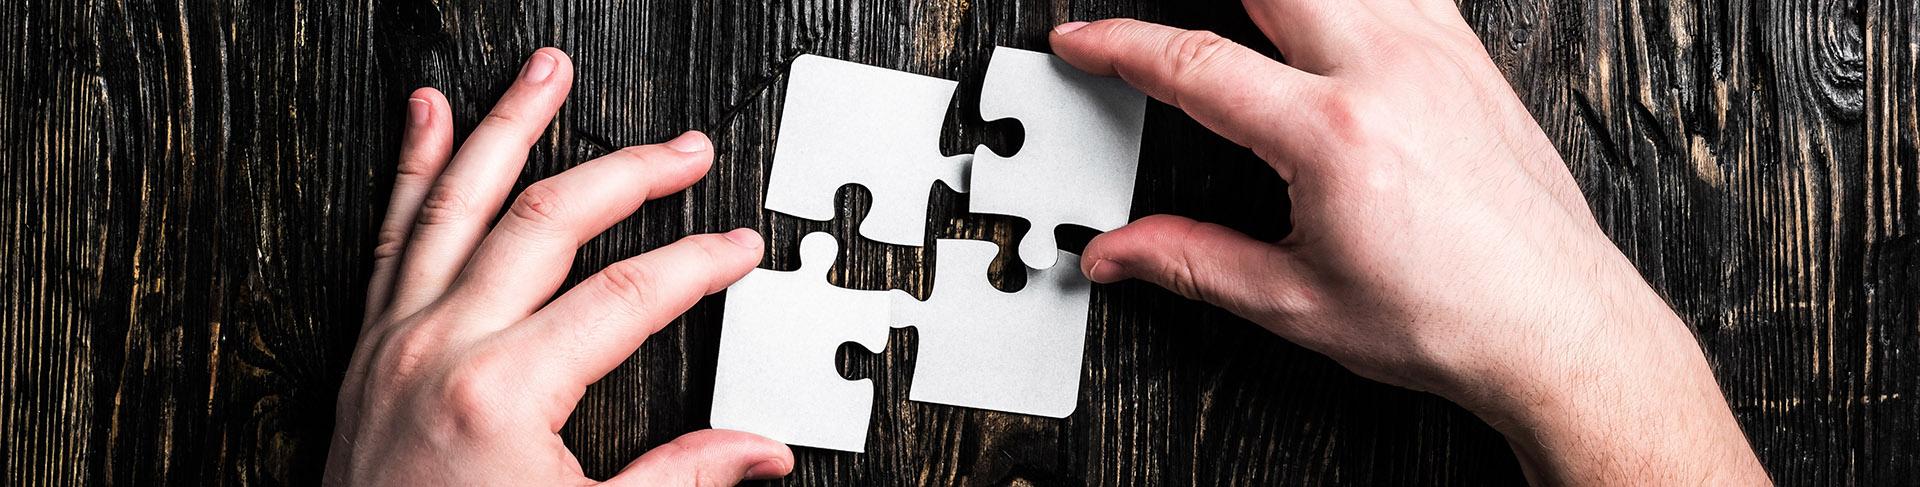 De META-tags ||4 tags die van kapitaal belang zijn in de SEO-verwijzing